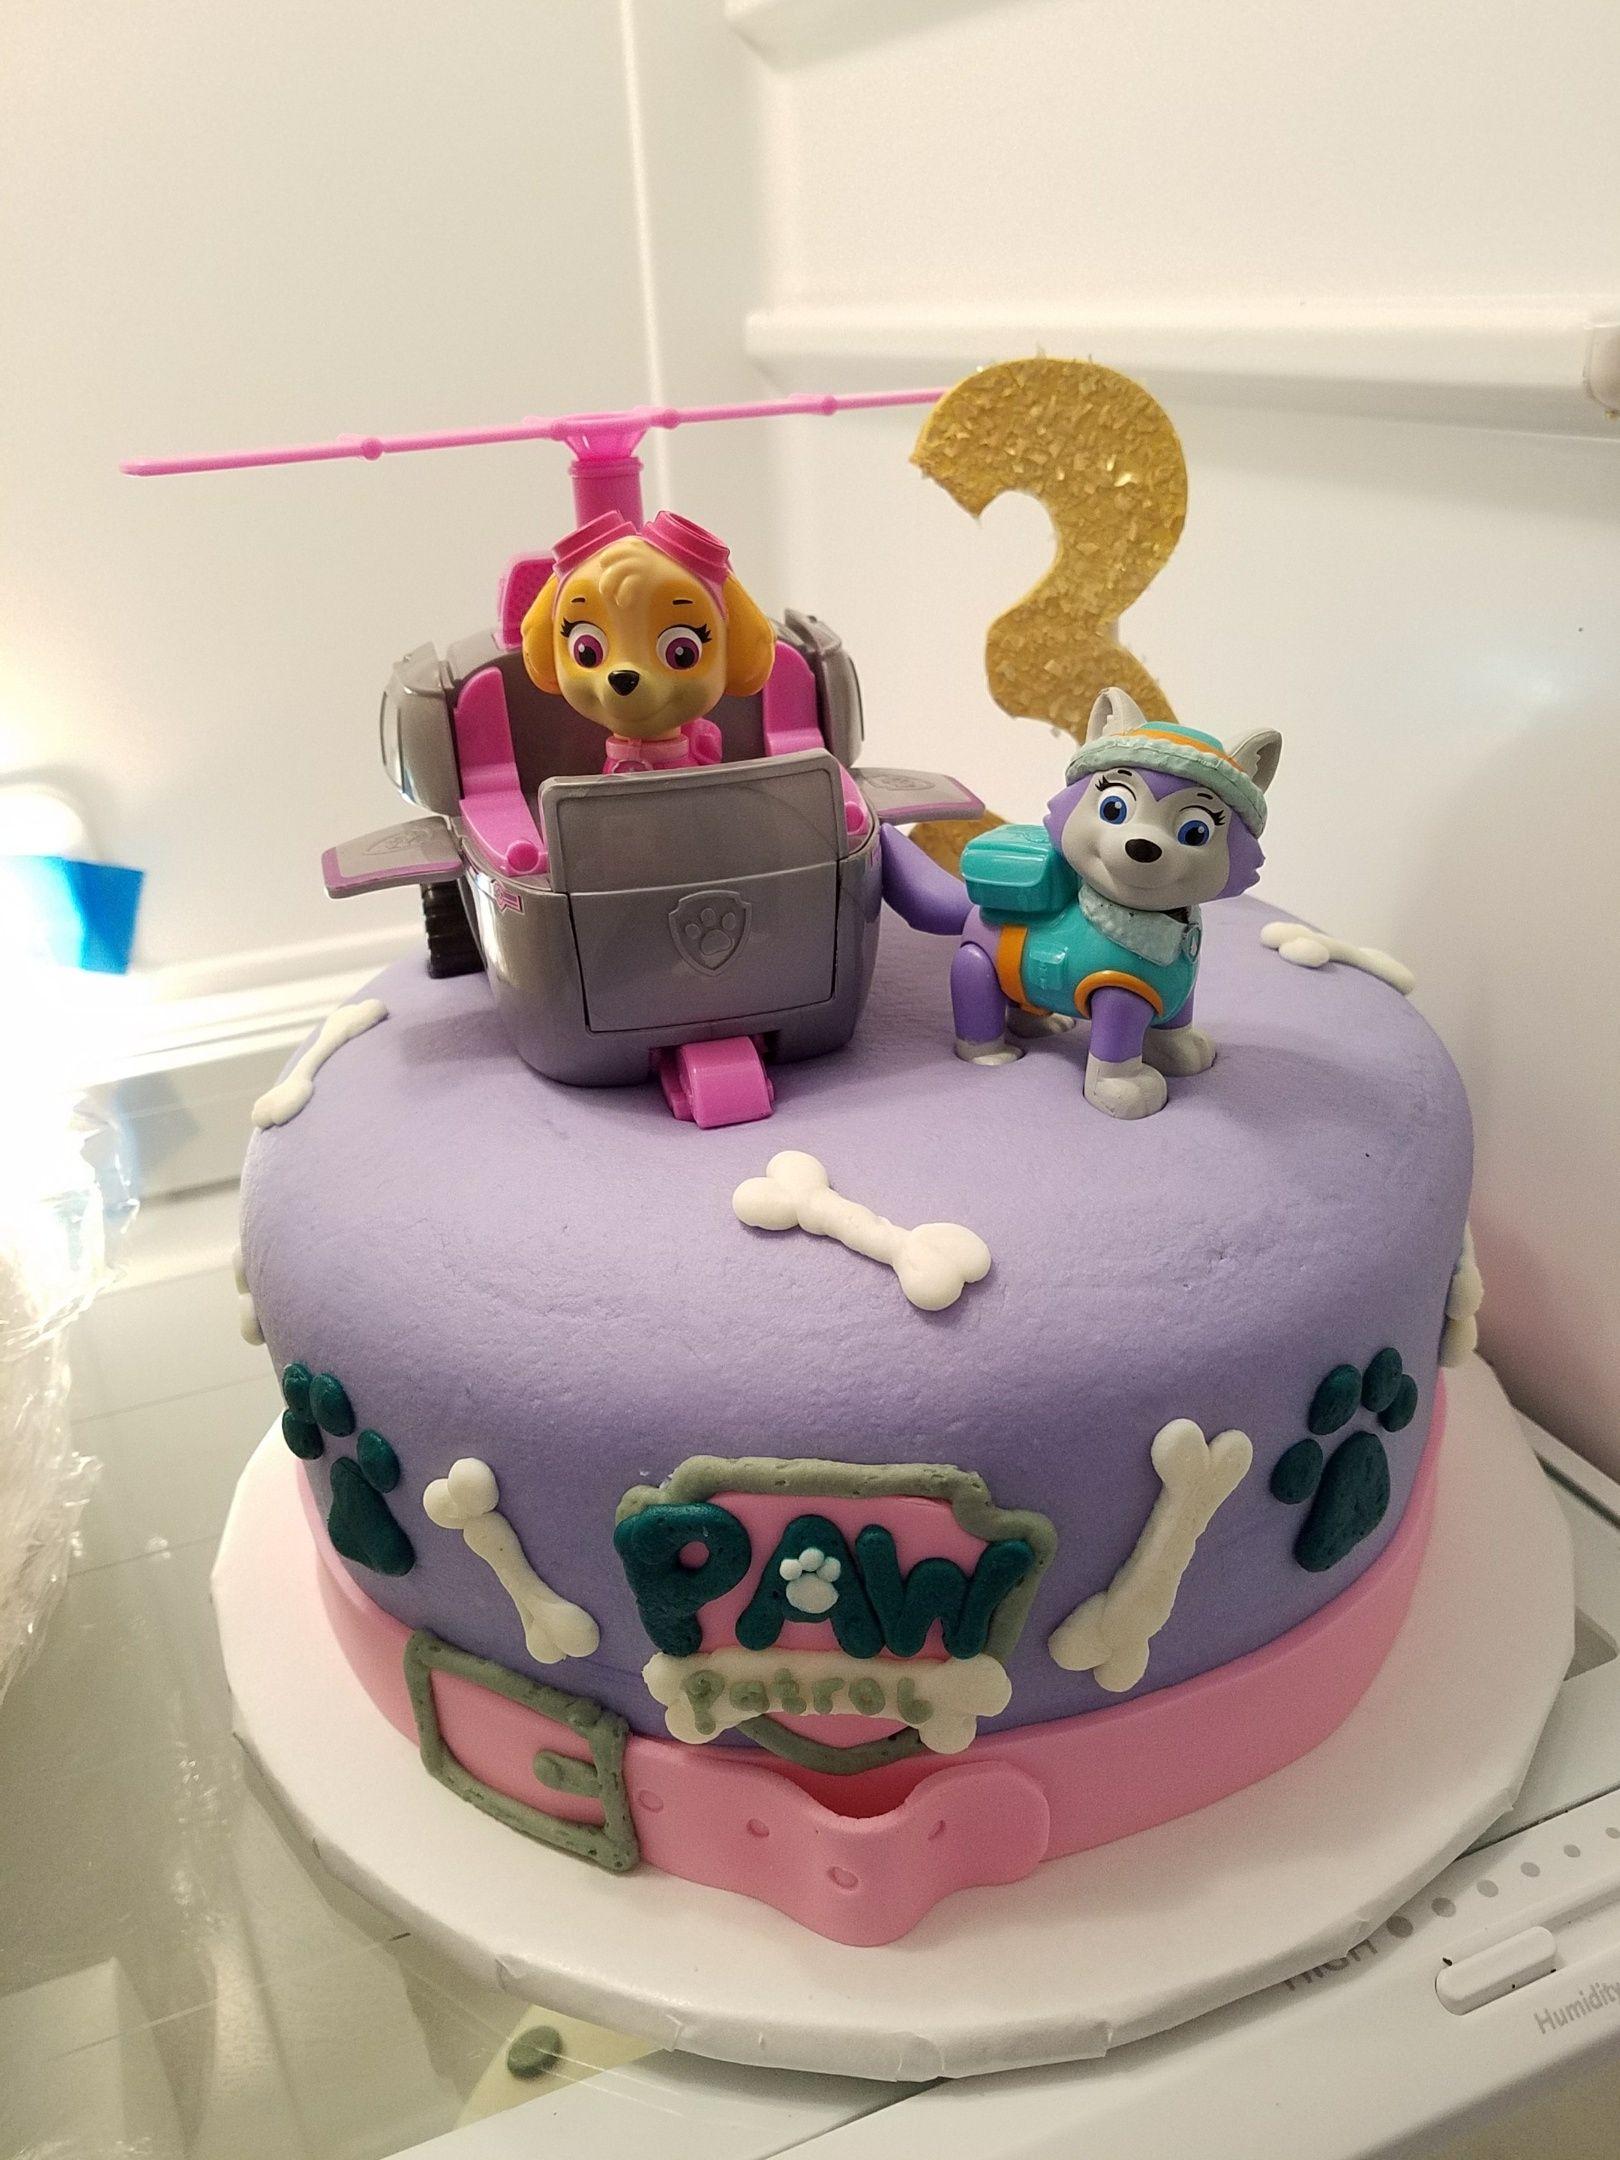 Paw patrol birthday cake adrienne co bakery paw